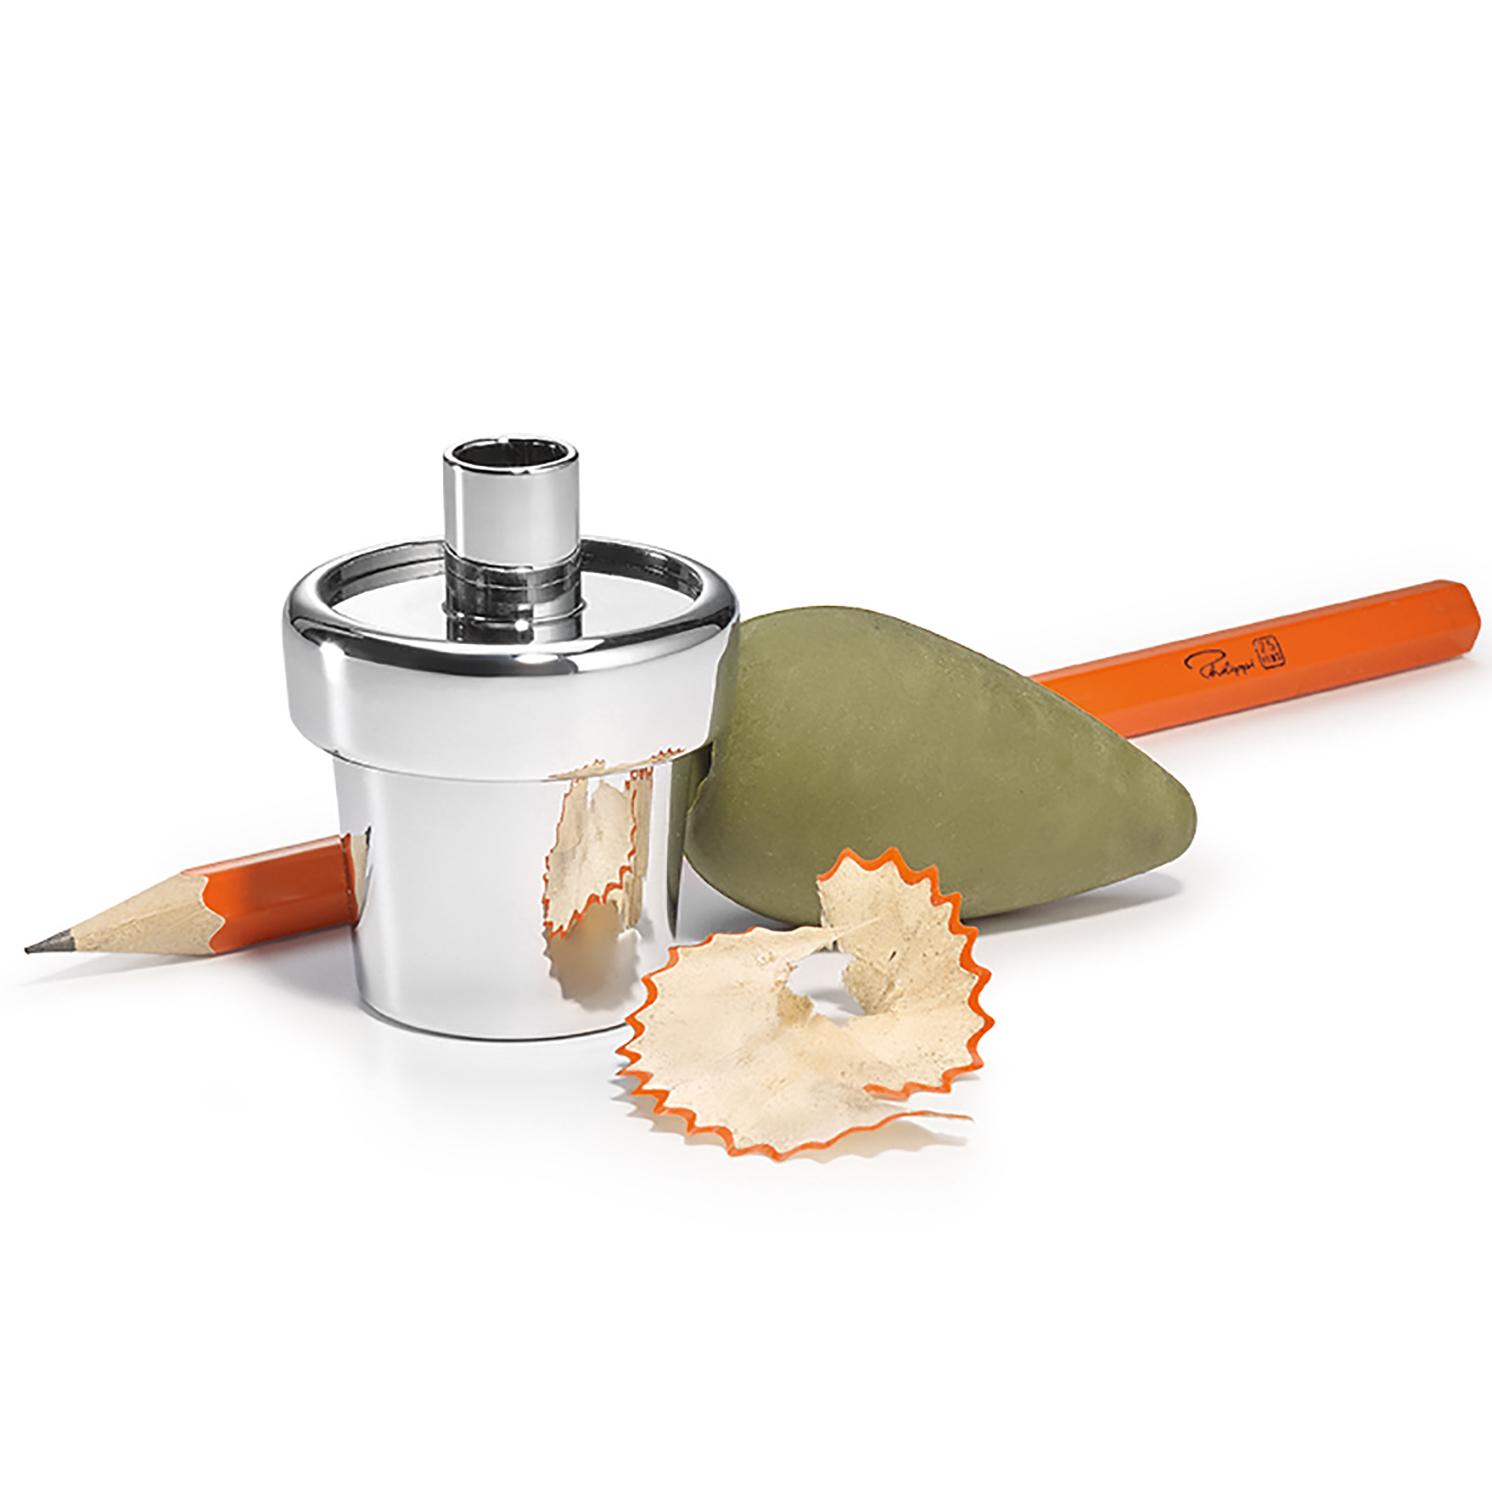 Philippi – 'MY TREE' Pencil Sharpener, Pencil and Erasure in Presentation Box